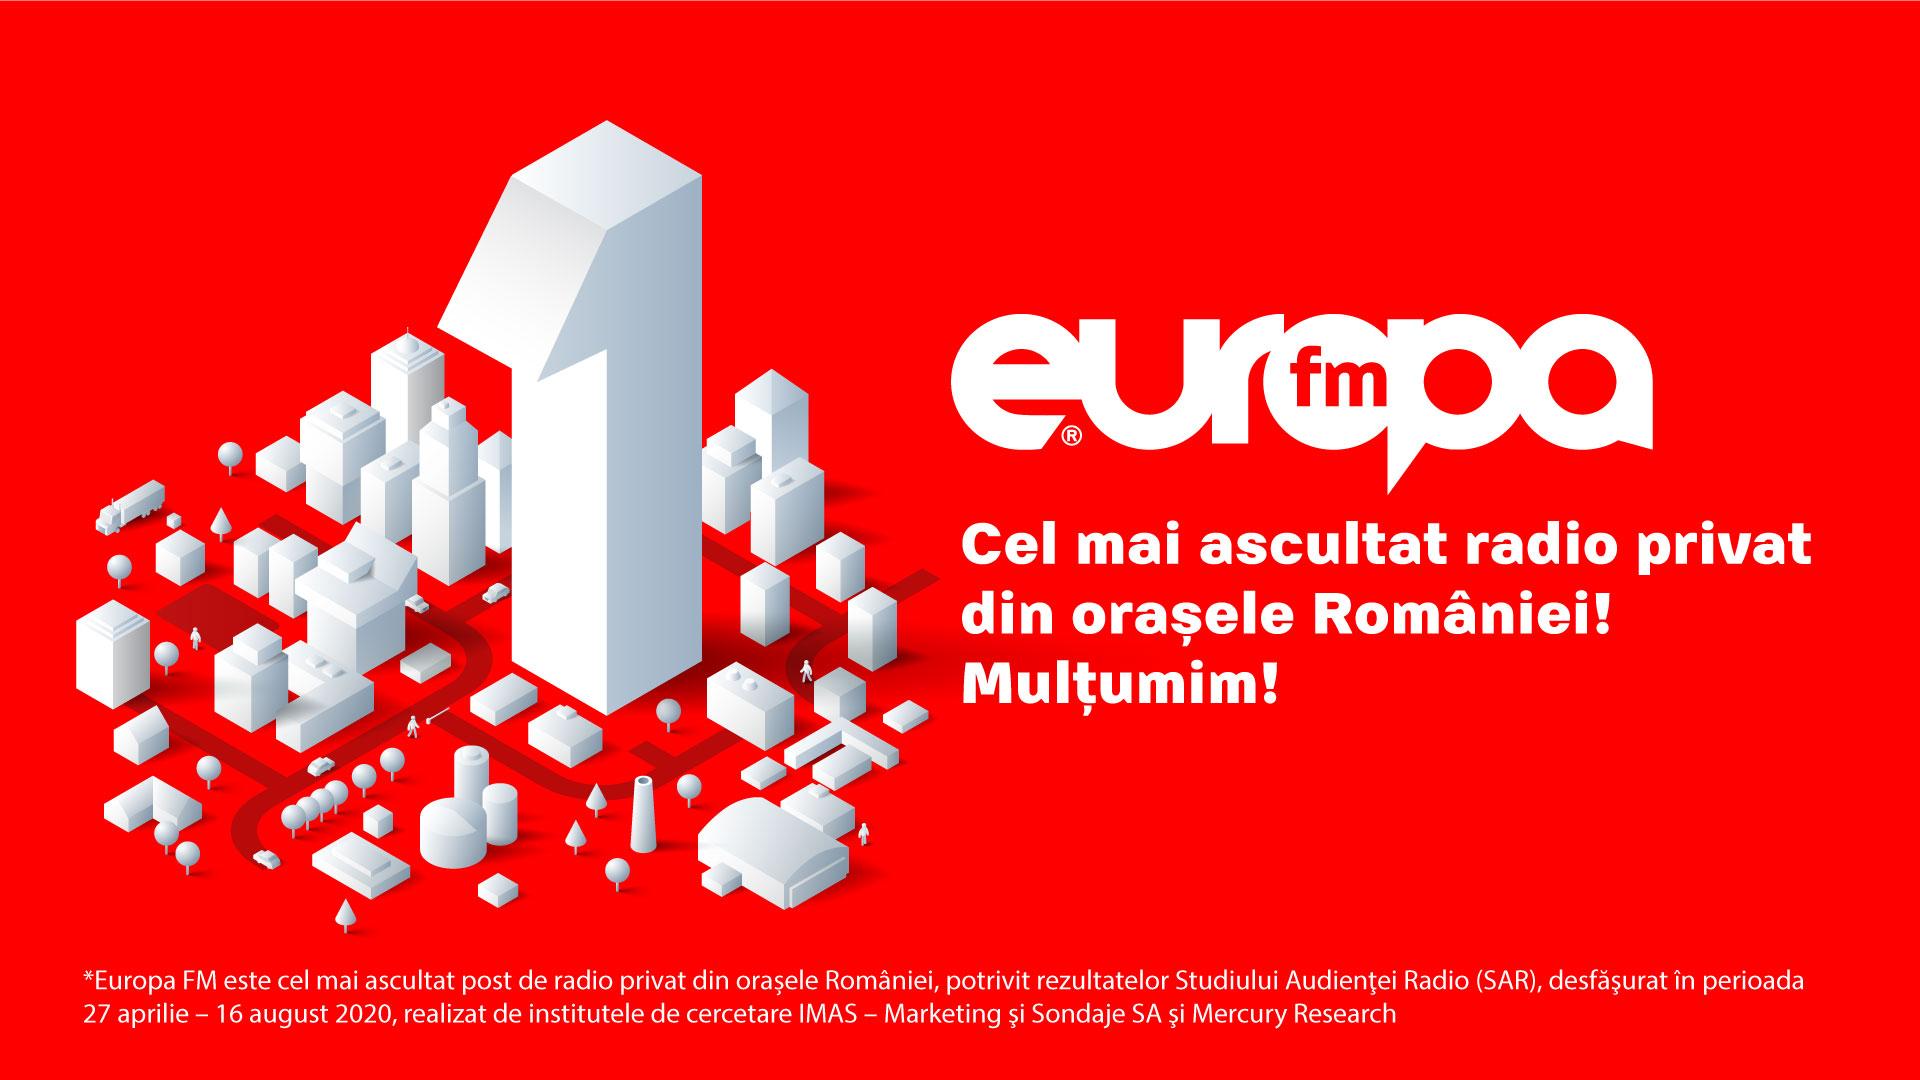 Europa FM este cel mai ascultat post de radio privat în orașele din România